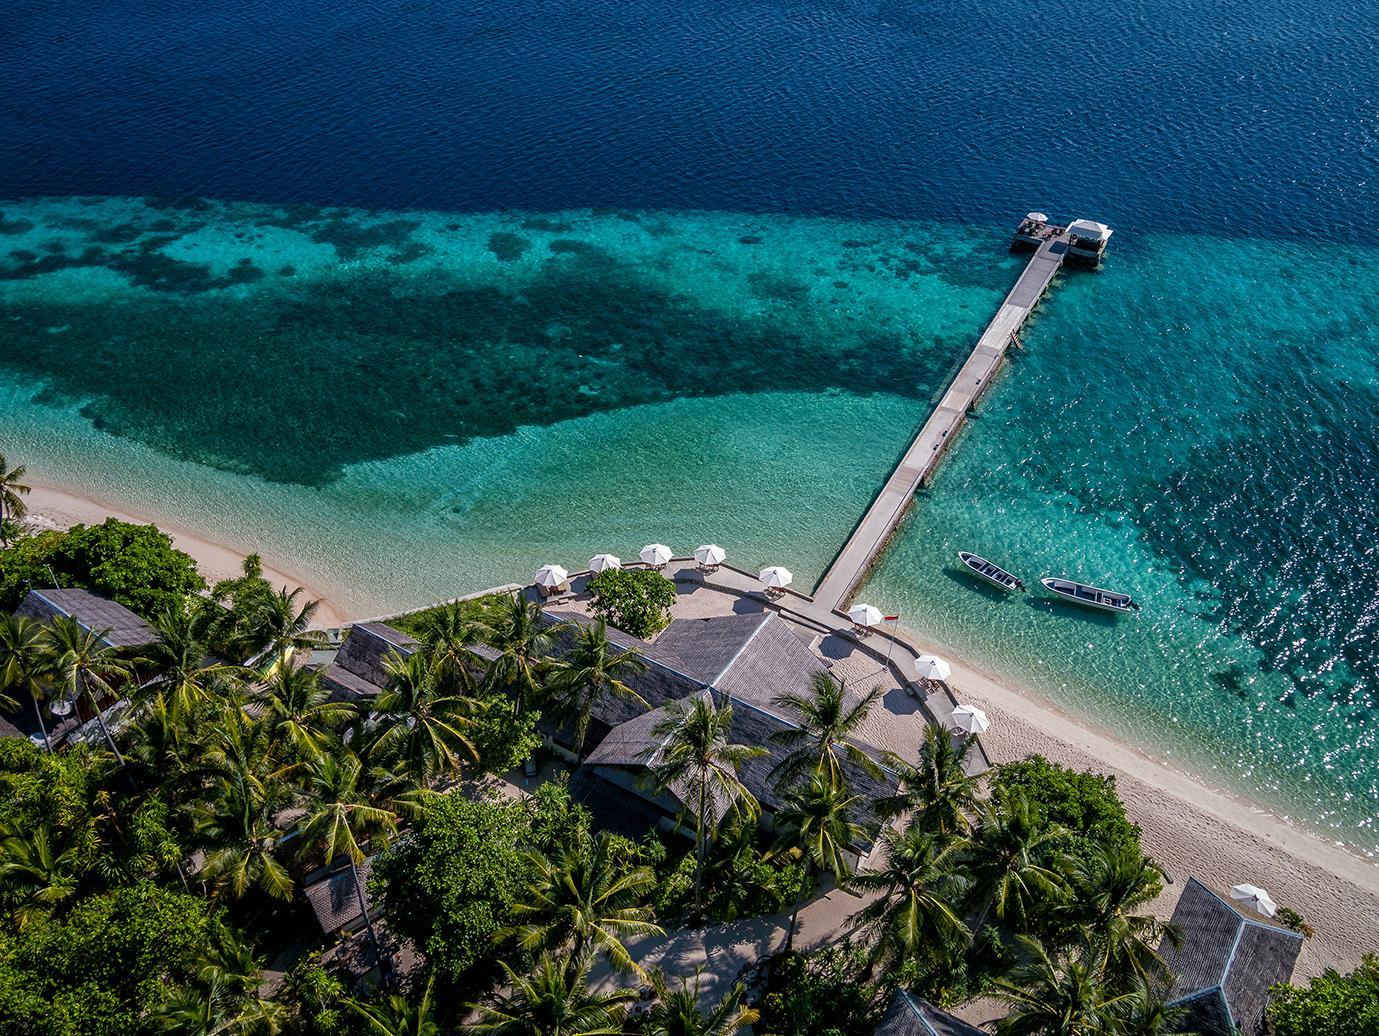 Wakatobi house reef